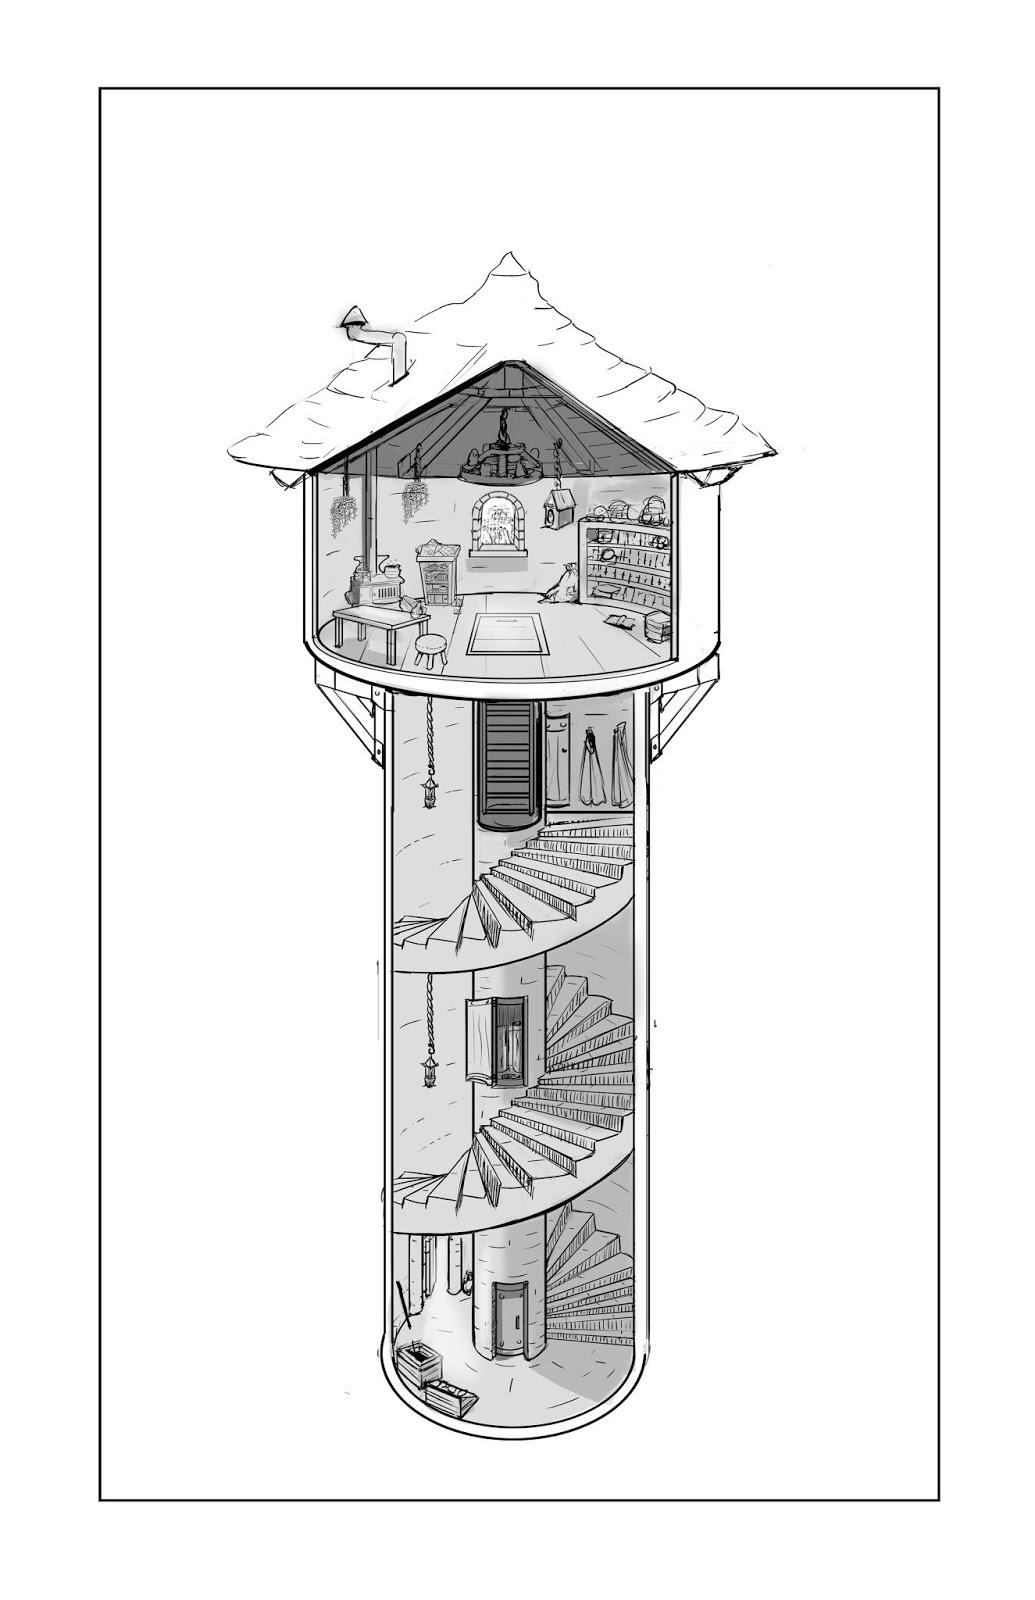 WB1 - Tower Cutaway